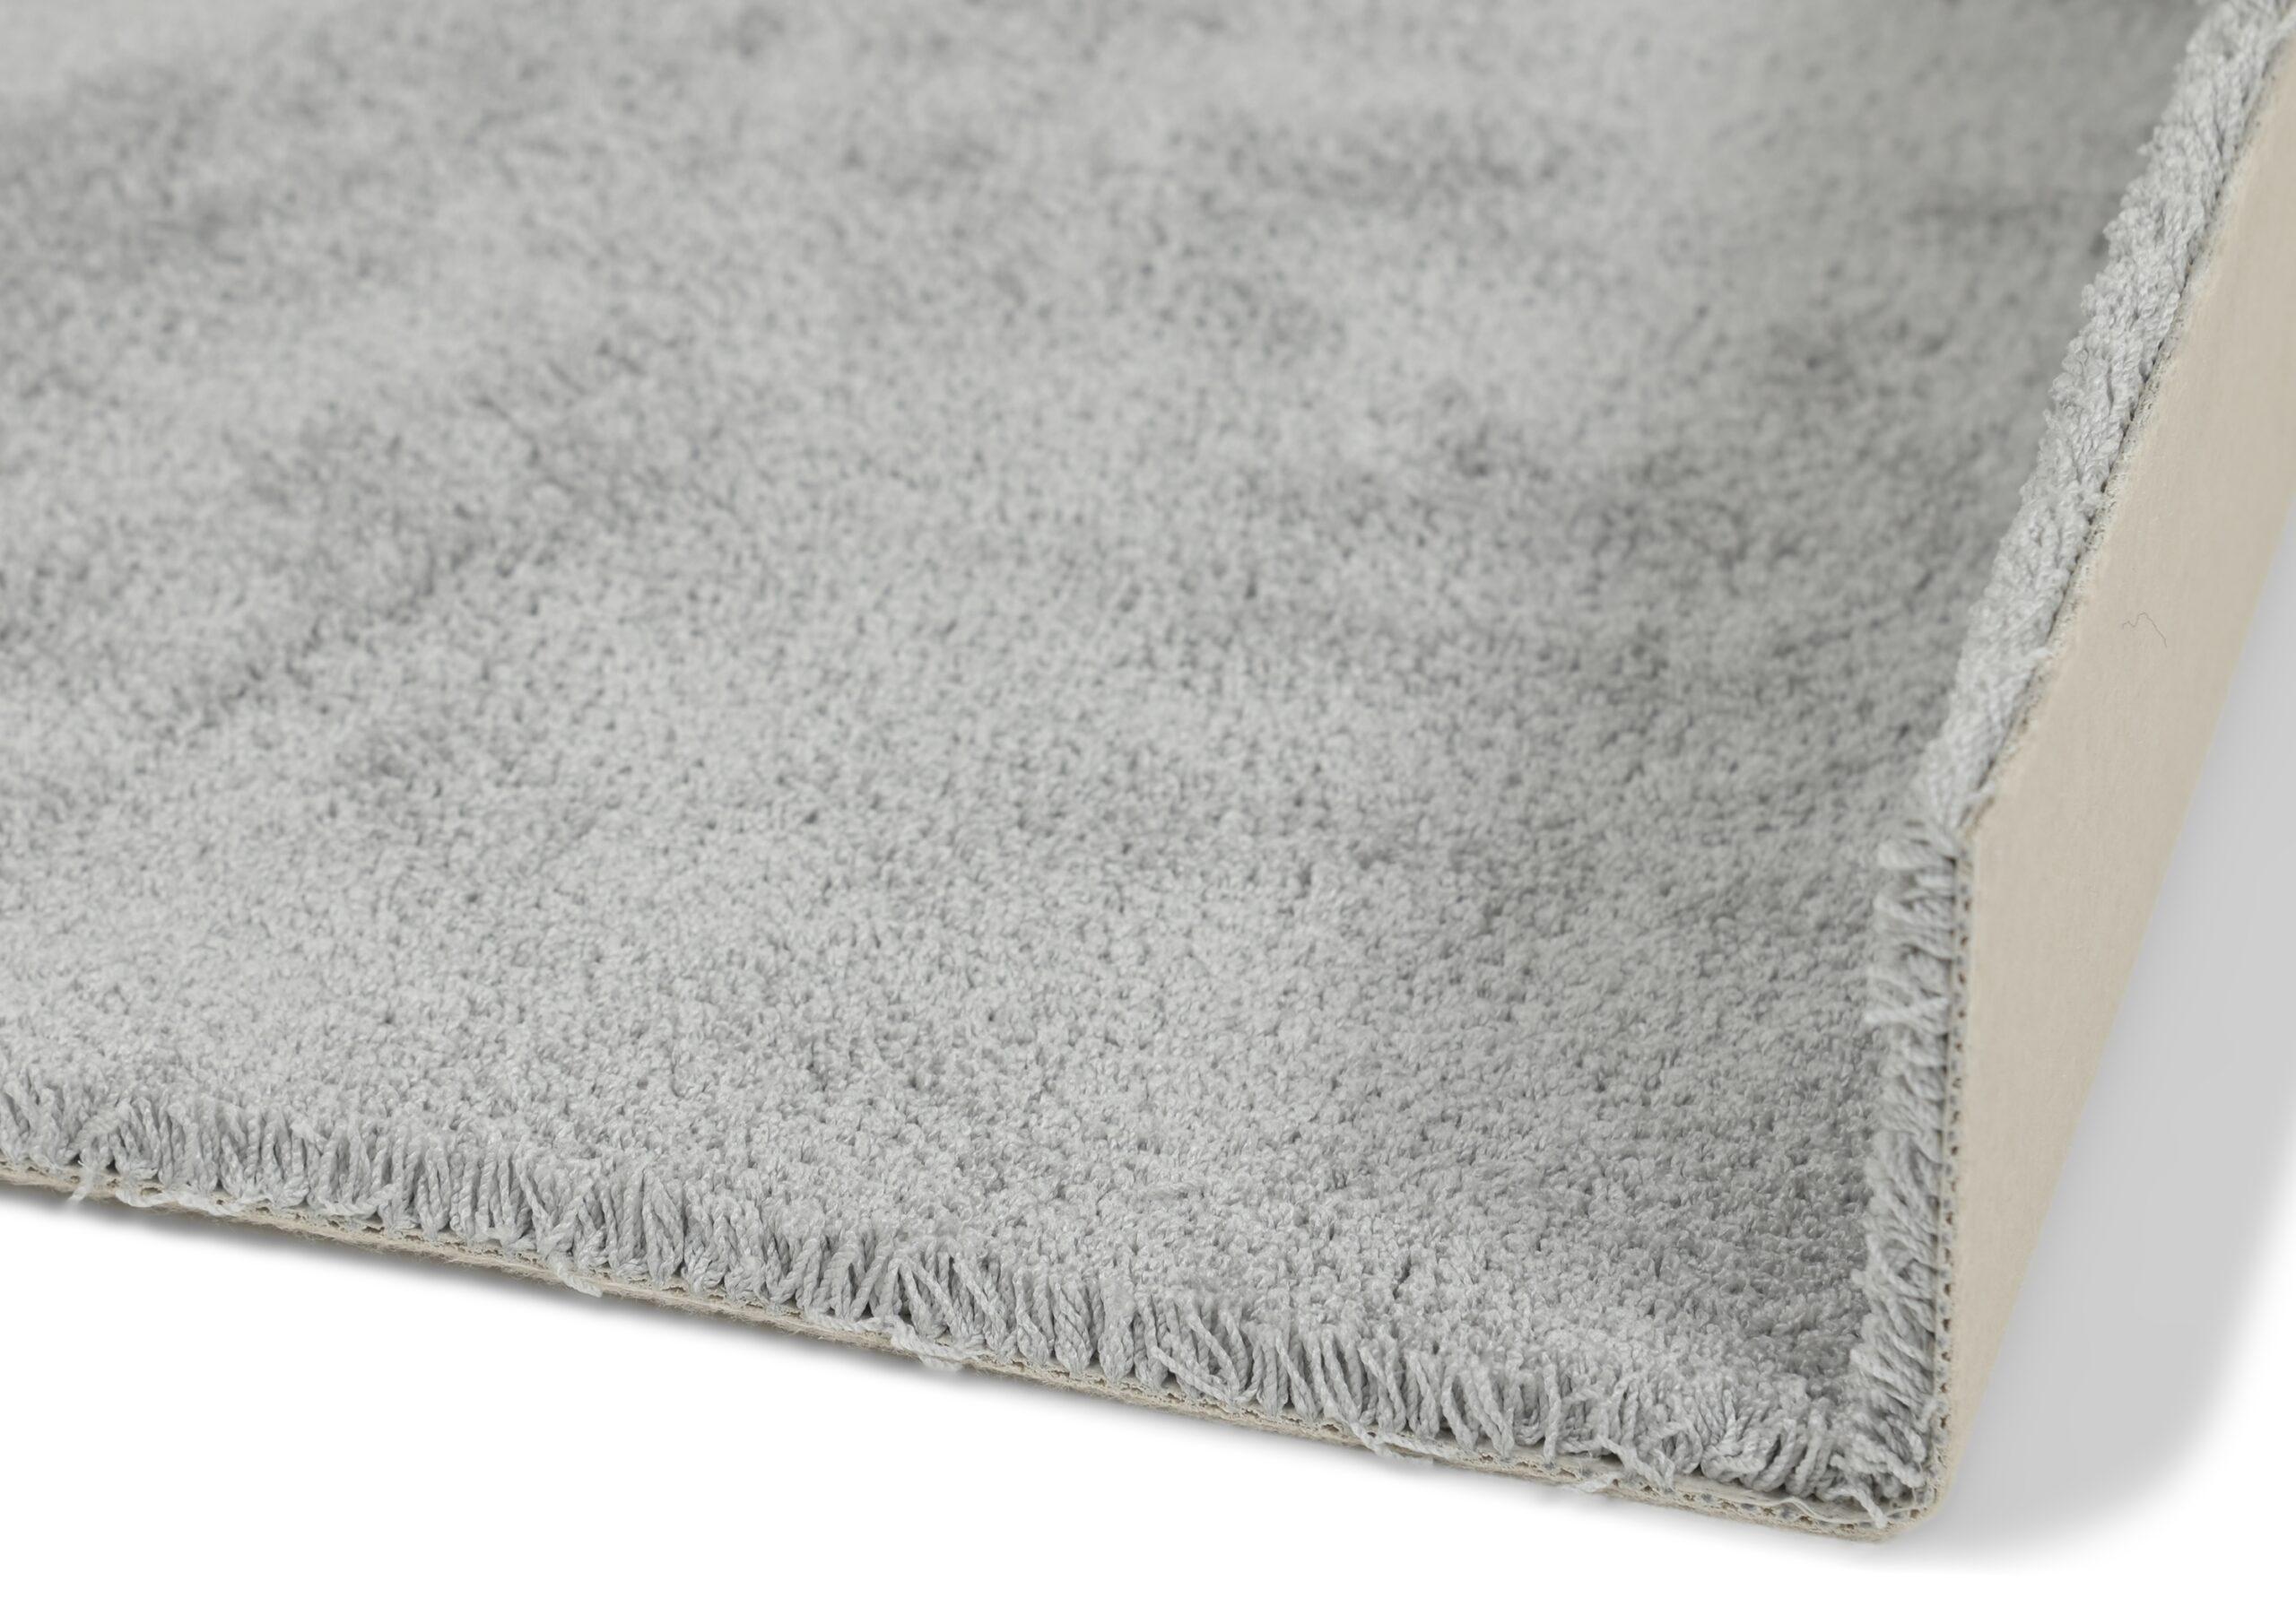 Sheraton lysegrå 74 - vegg-til-vegg-teppe